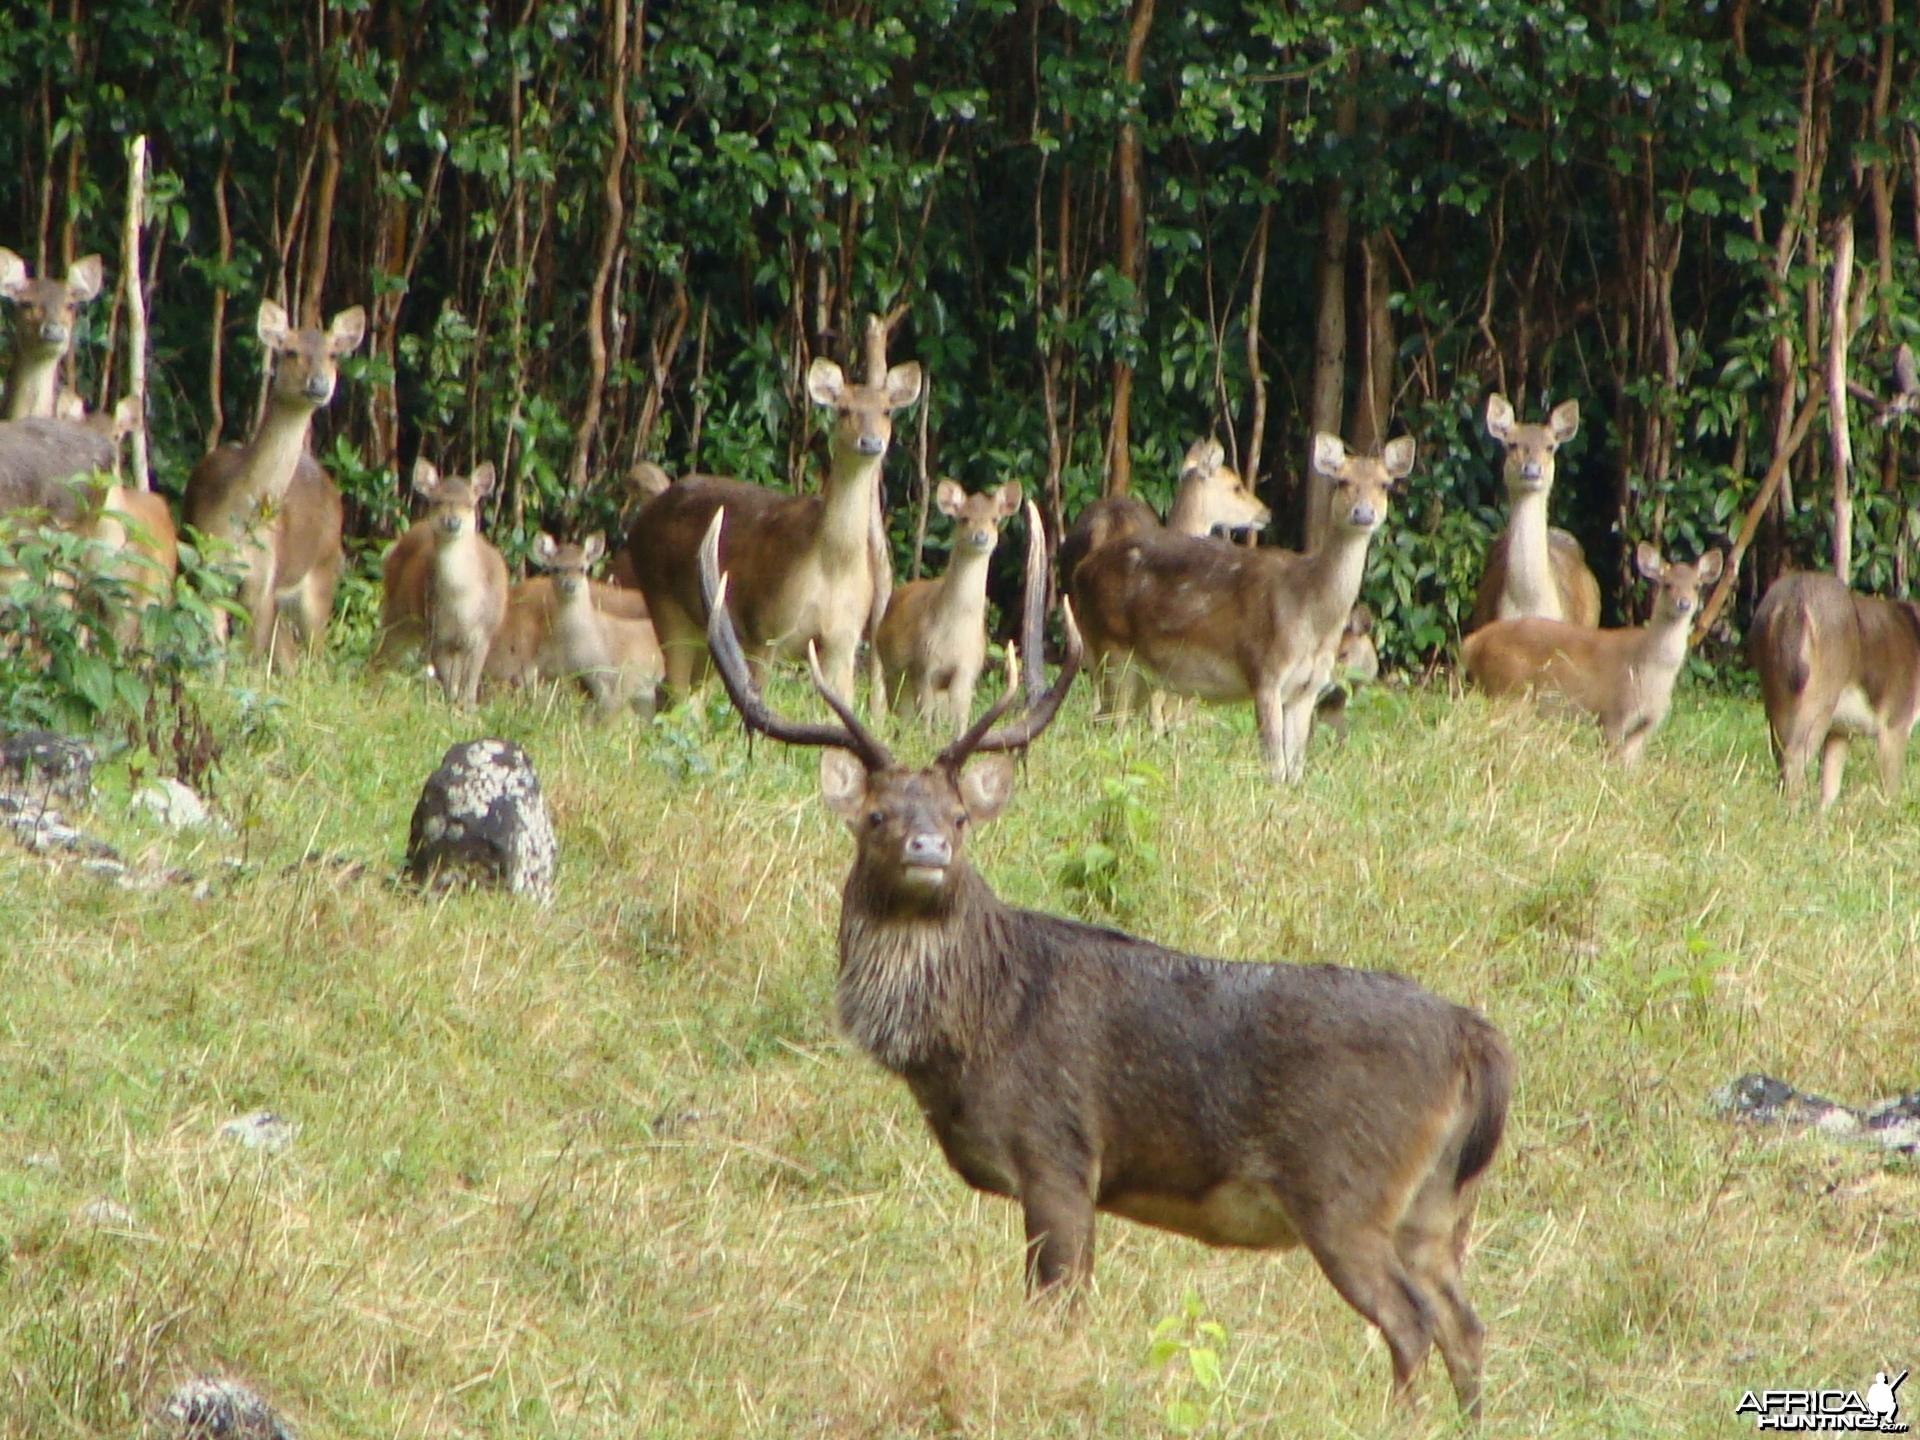 Rusa Deer Mauritius